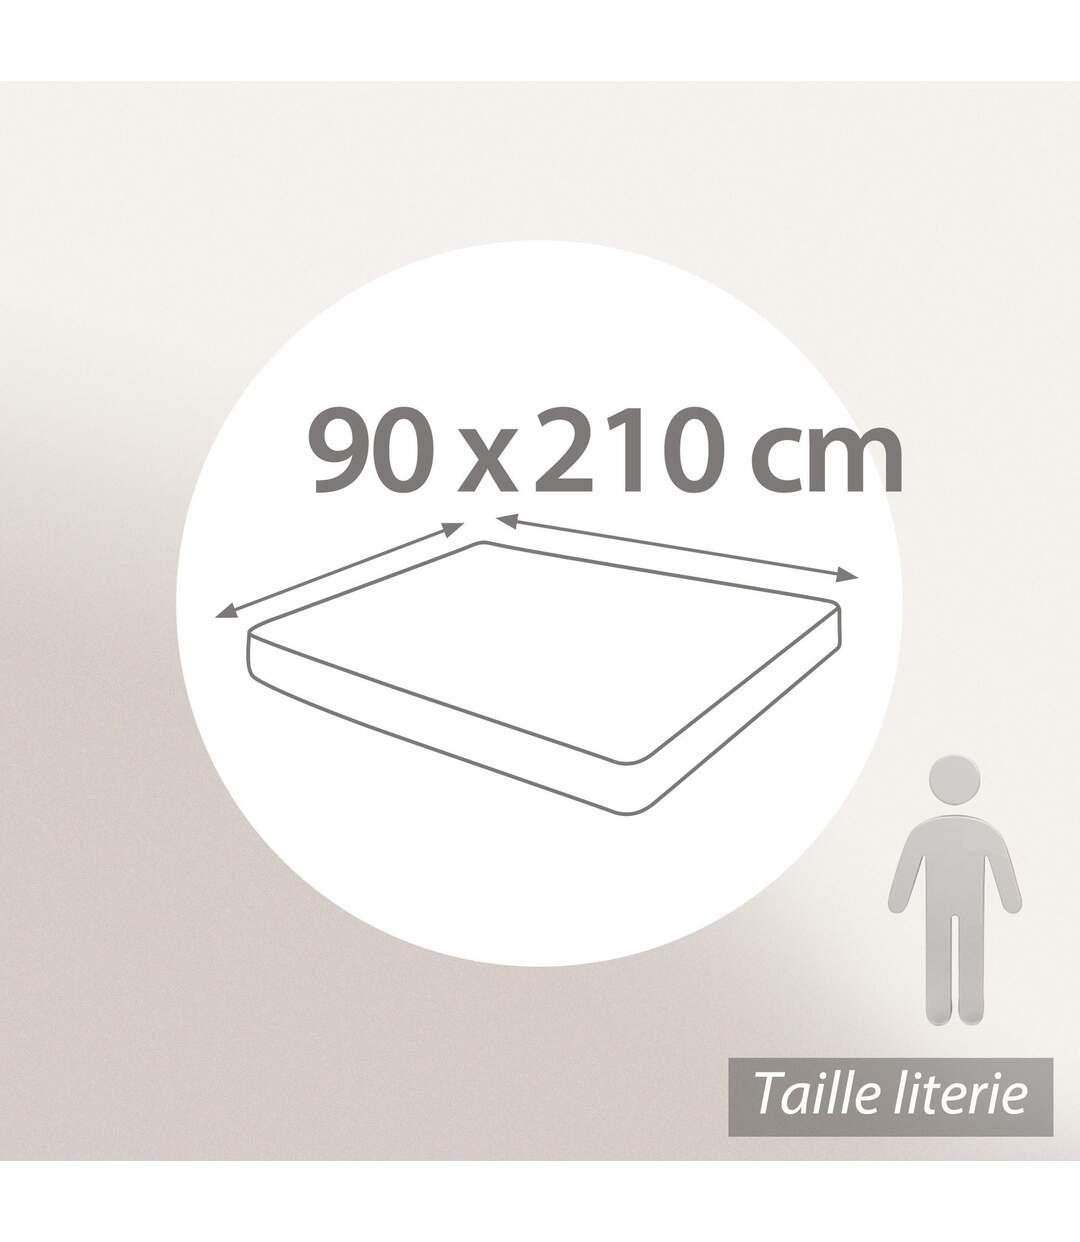 Protège matelas 90x210 cm ACHUA Molleton 100% coton 400 g/m2 bonnet 50cm